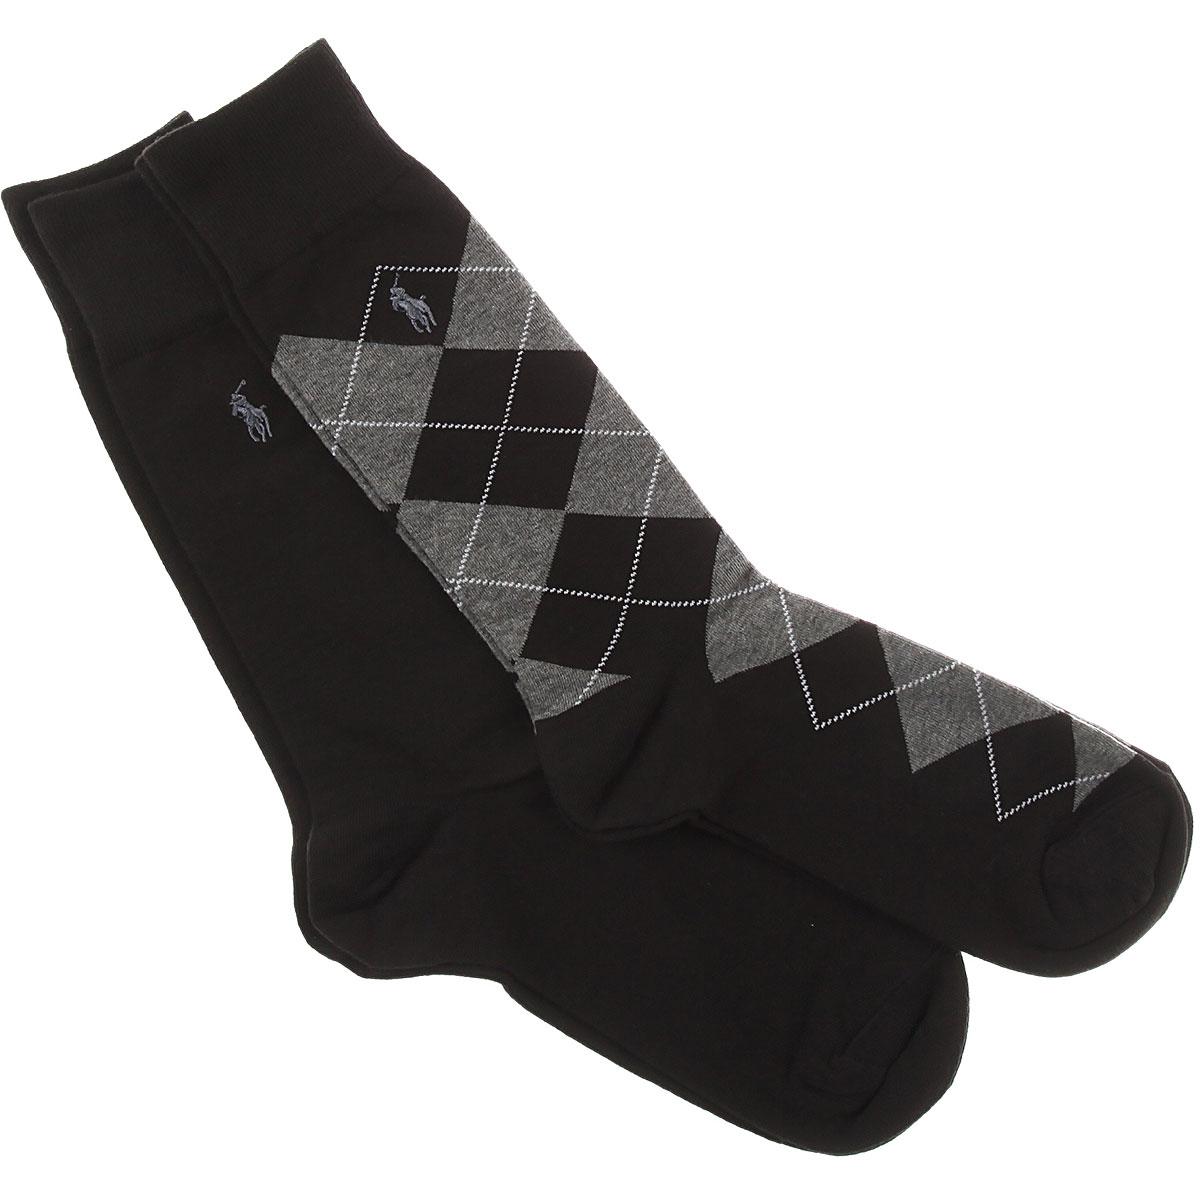 Ralph Lauren Socks Mens Underwear, 2 Pack, Black, Cotton, 2019